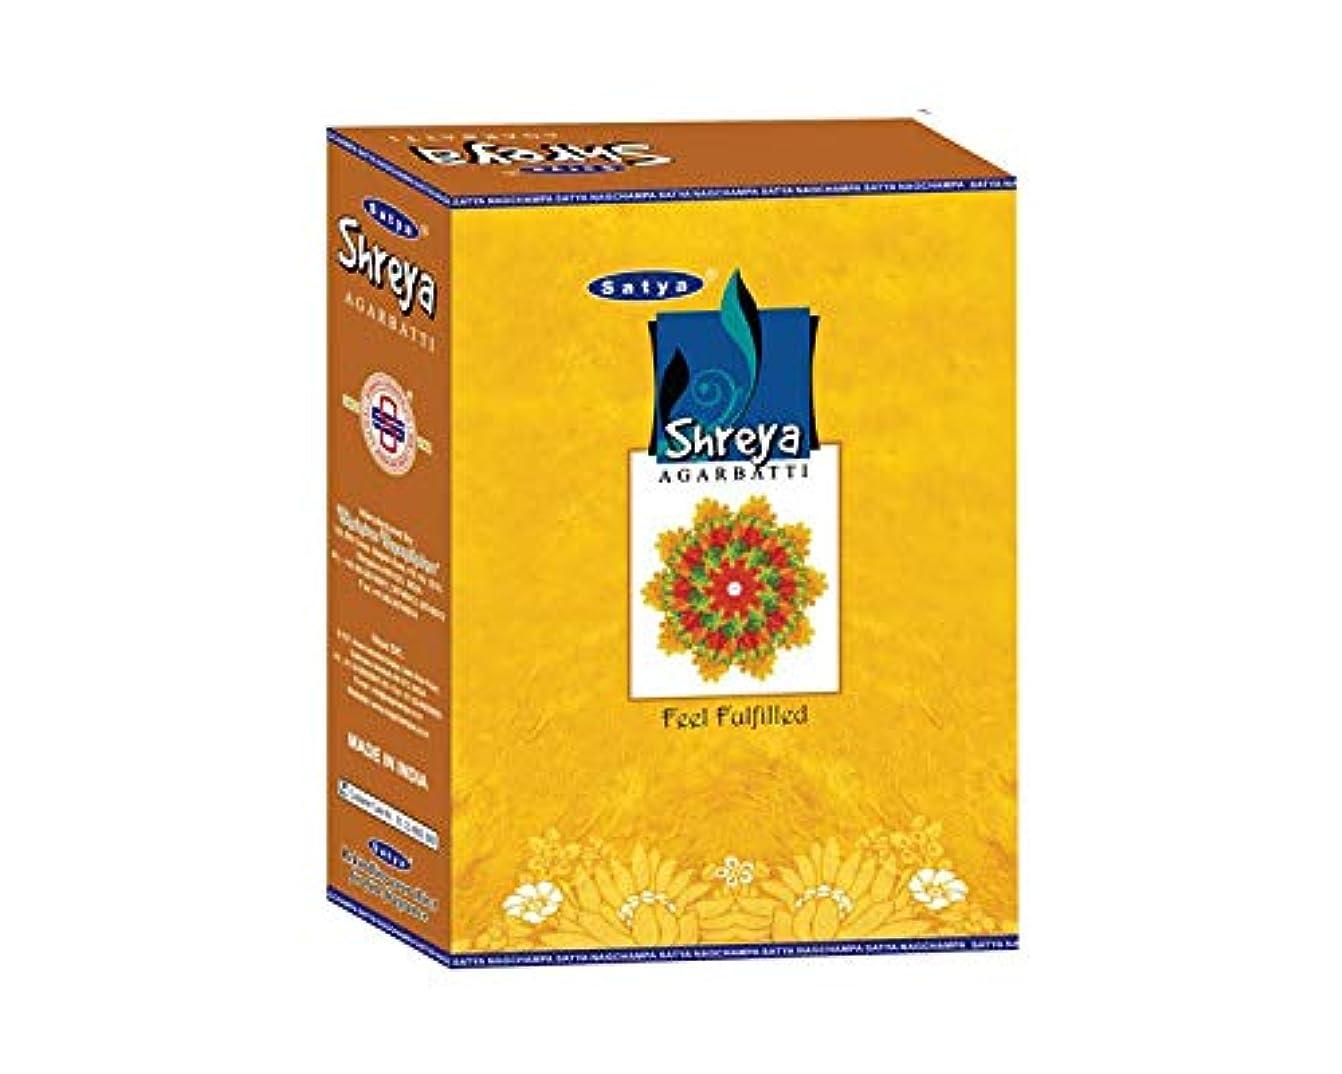 圧縮された断片終わりSatya Shreya Incense Sticksボックス240 gmsボックス